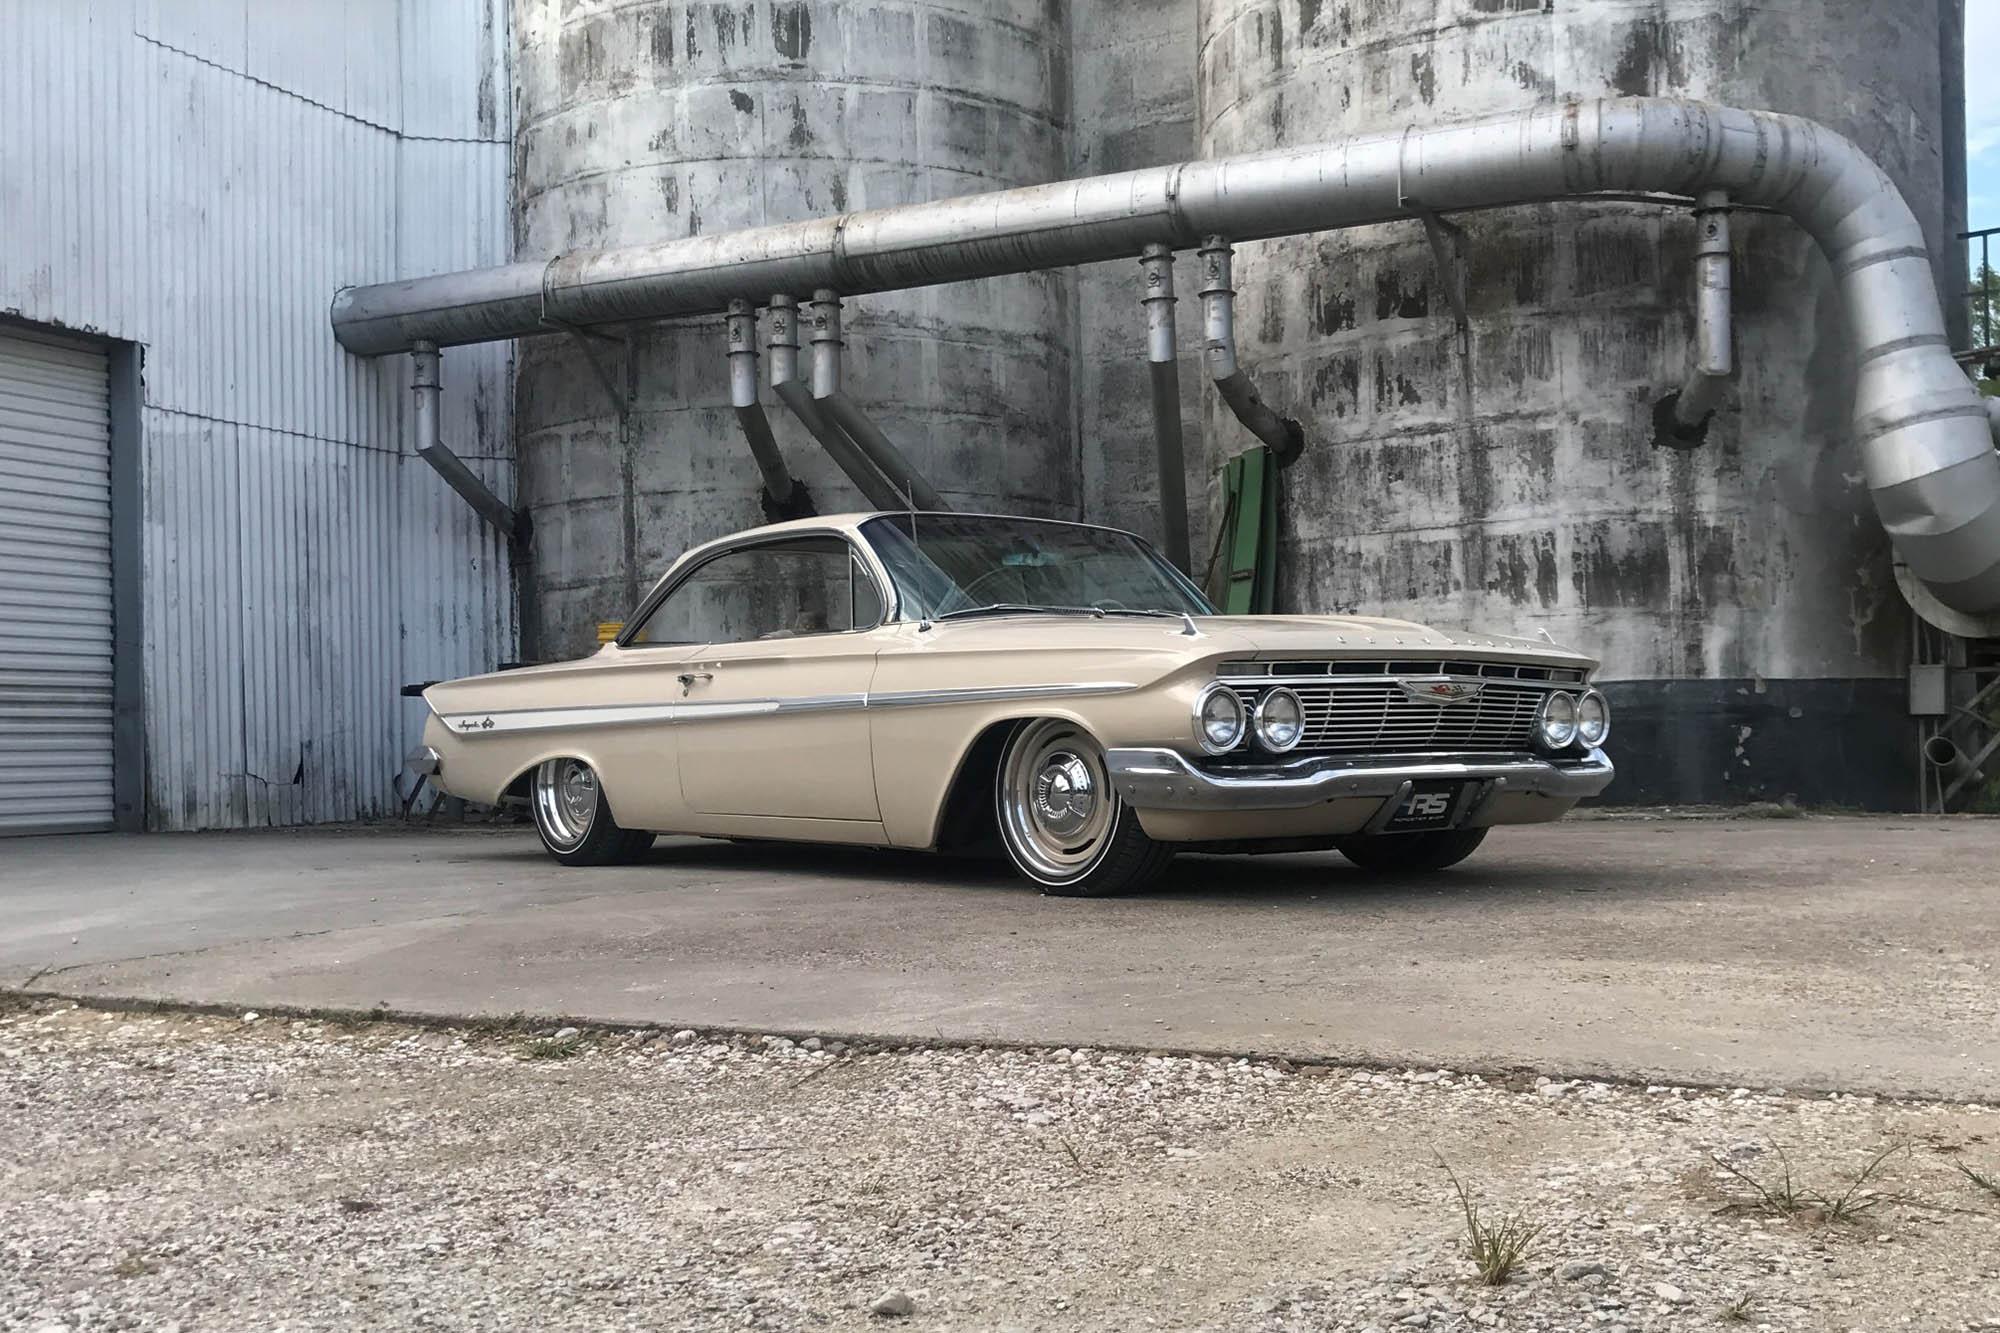 1961 Impala with a LS3 V8